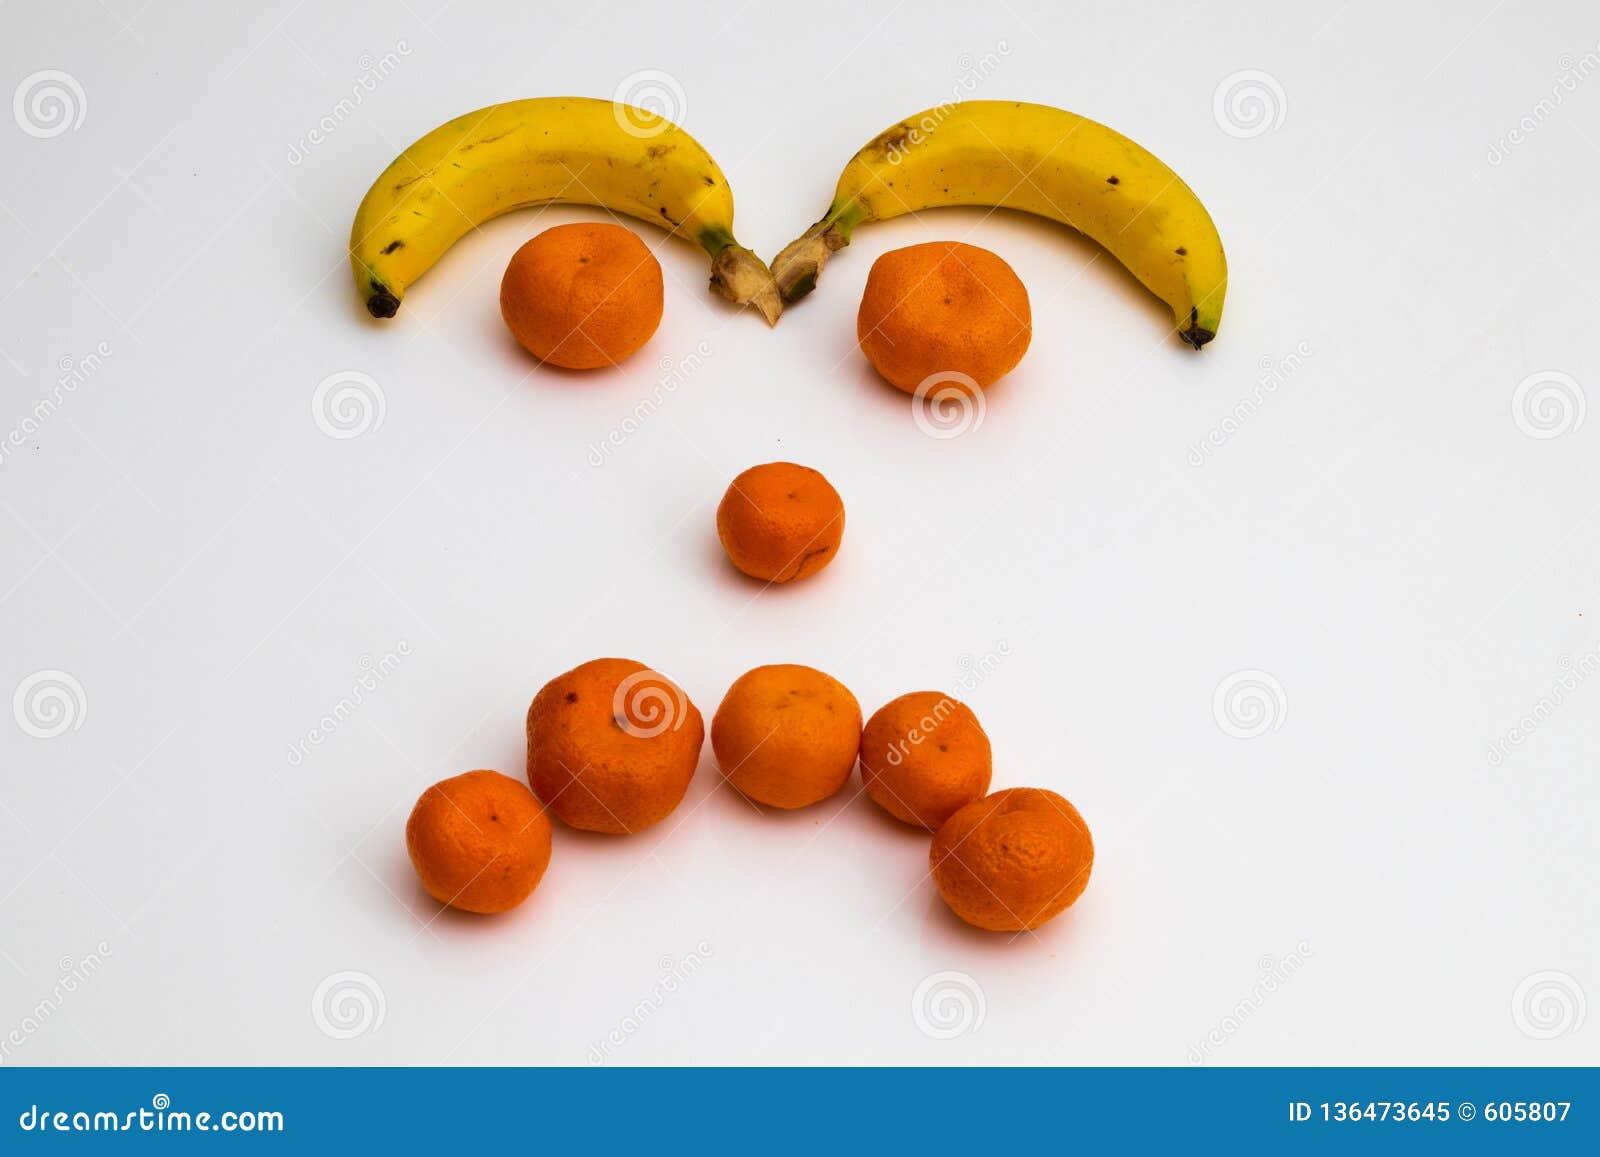 Gezicht van vruchten op witte achtergrond gezicht met verse vruchten wordt gemaakt die banaan, mandarin mandarijn